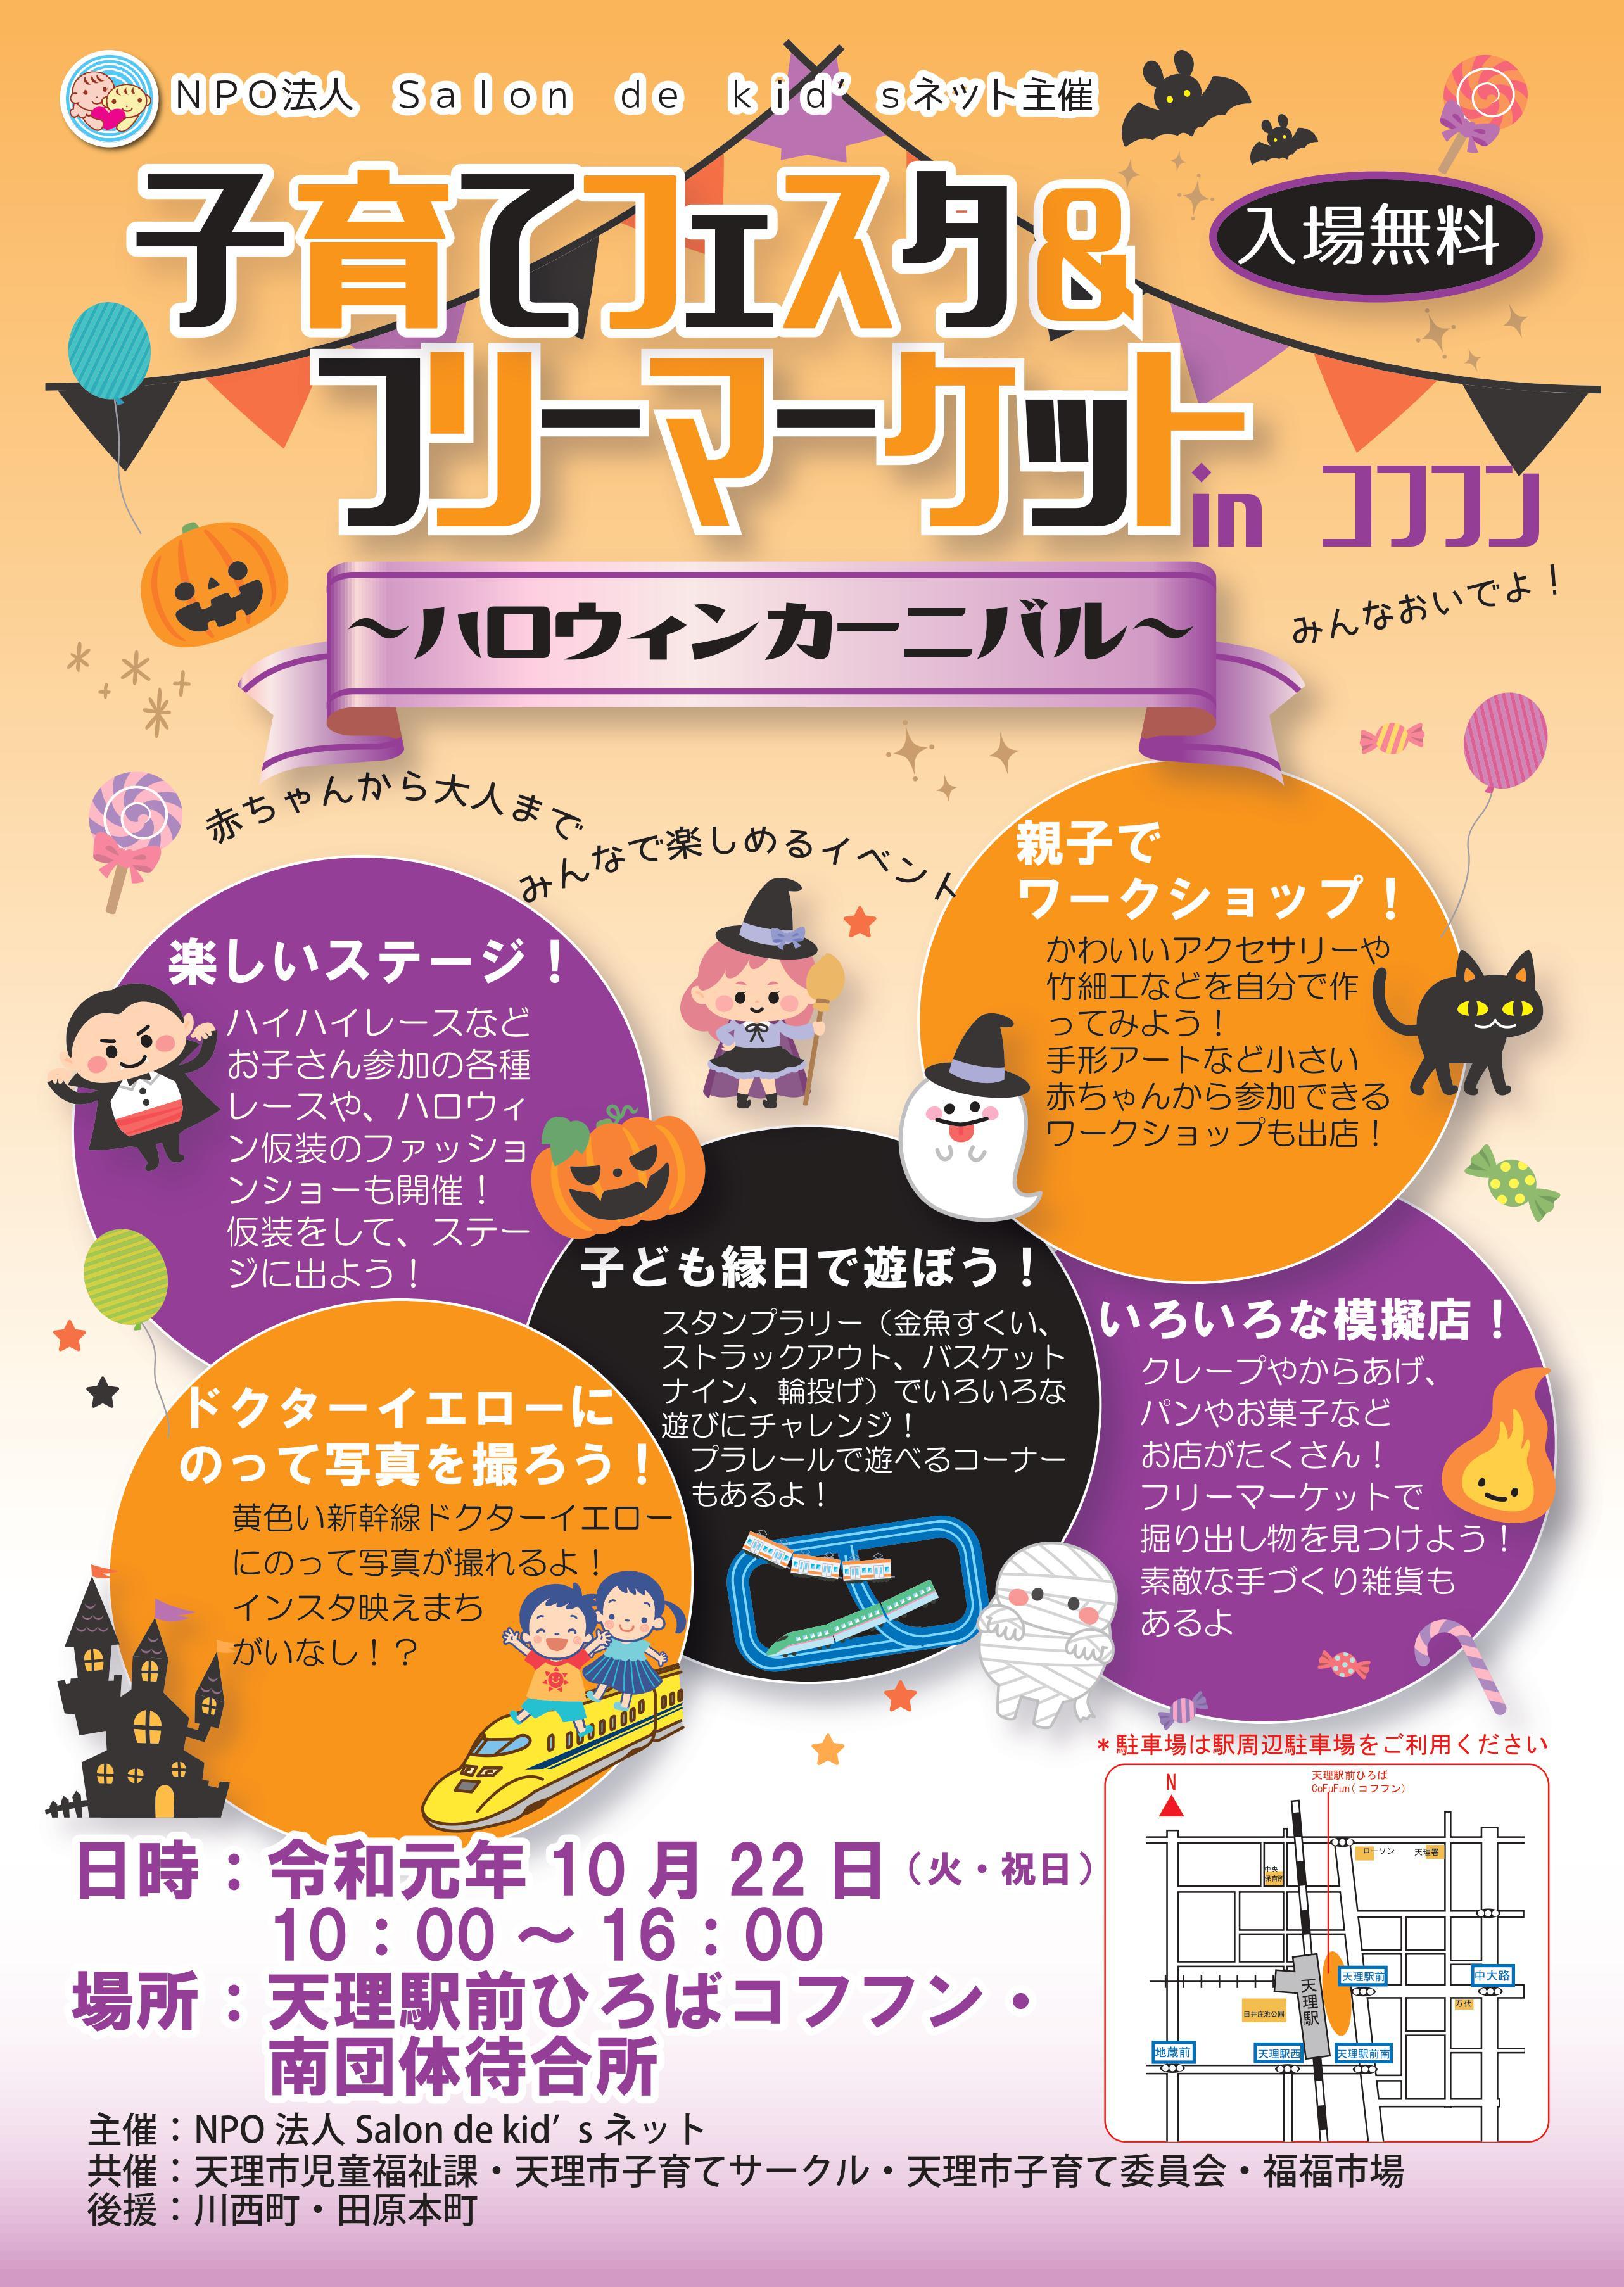 2019年、イベント、奈良県天理市、10月、参加型イベント、体験、食、天理駅前コフフン、子育てフェスタ。